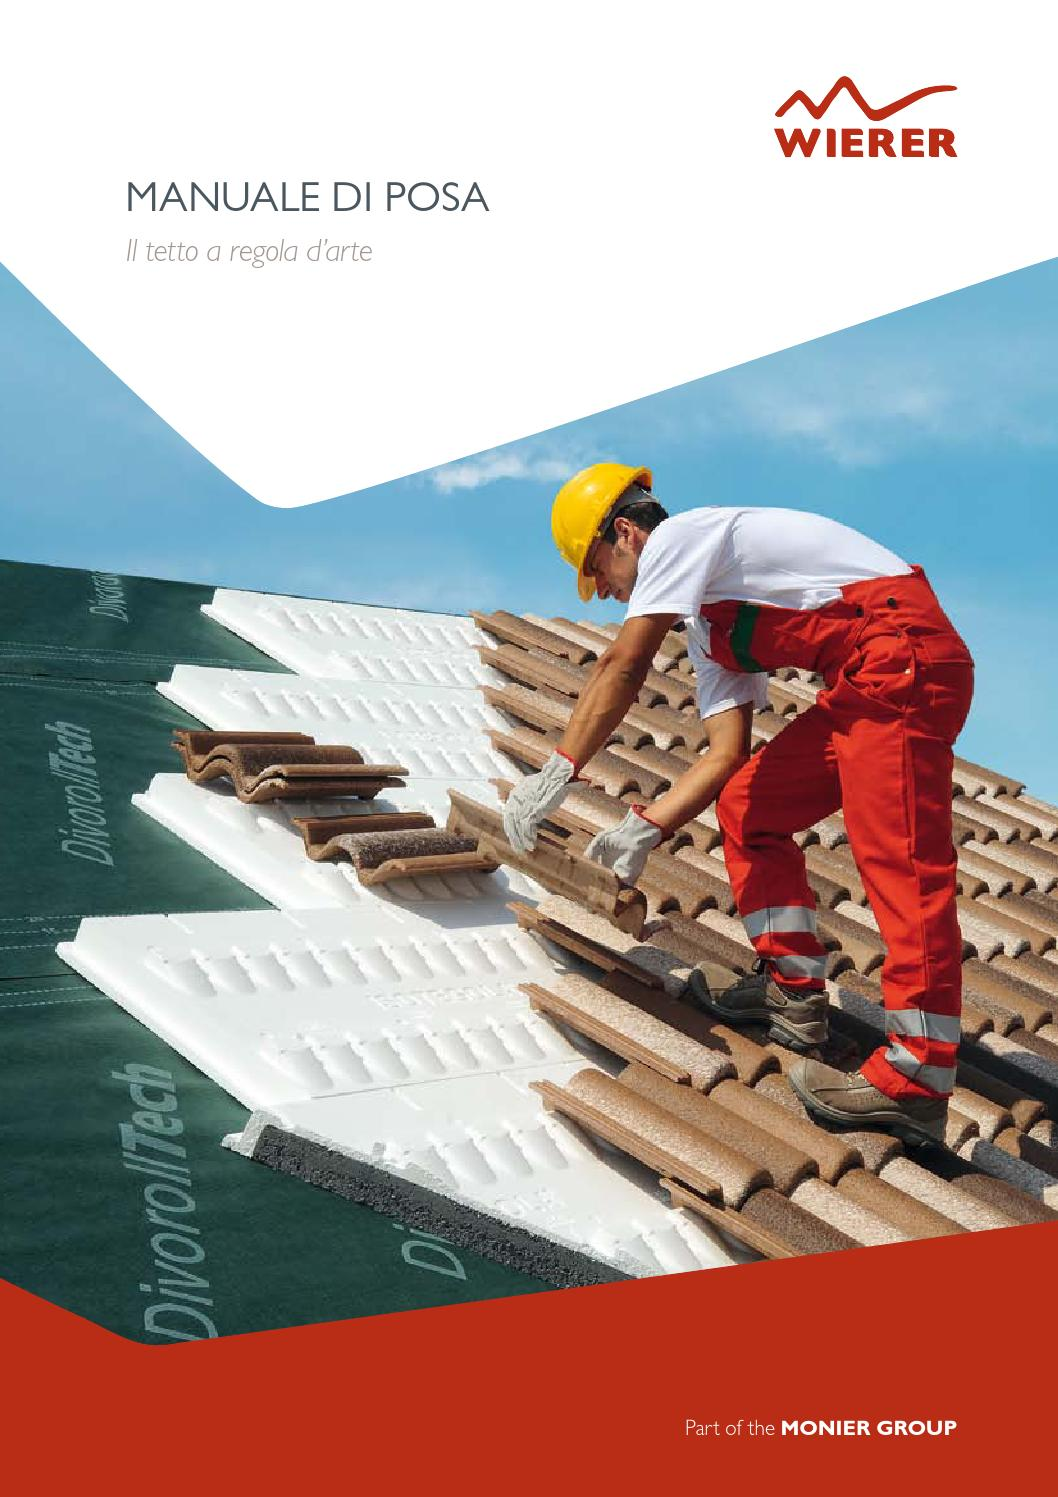 Manuale wierer posa della copertura a regola d 39 arte by for Tegole del tetto della casetta